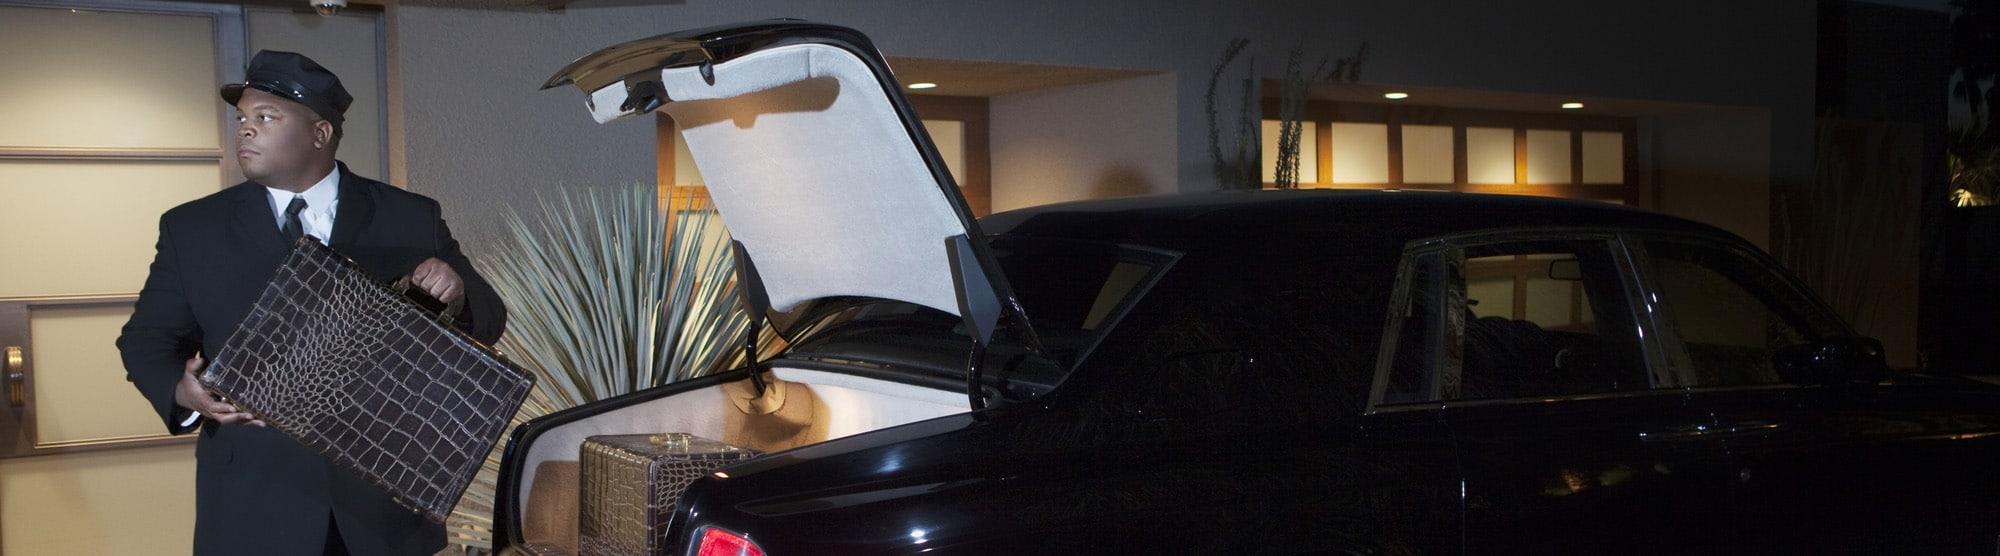 Chauffeur Loading Luggage In Car